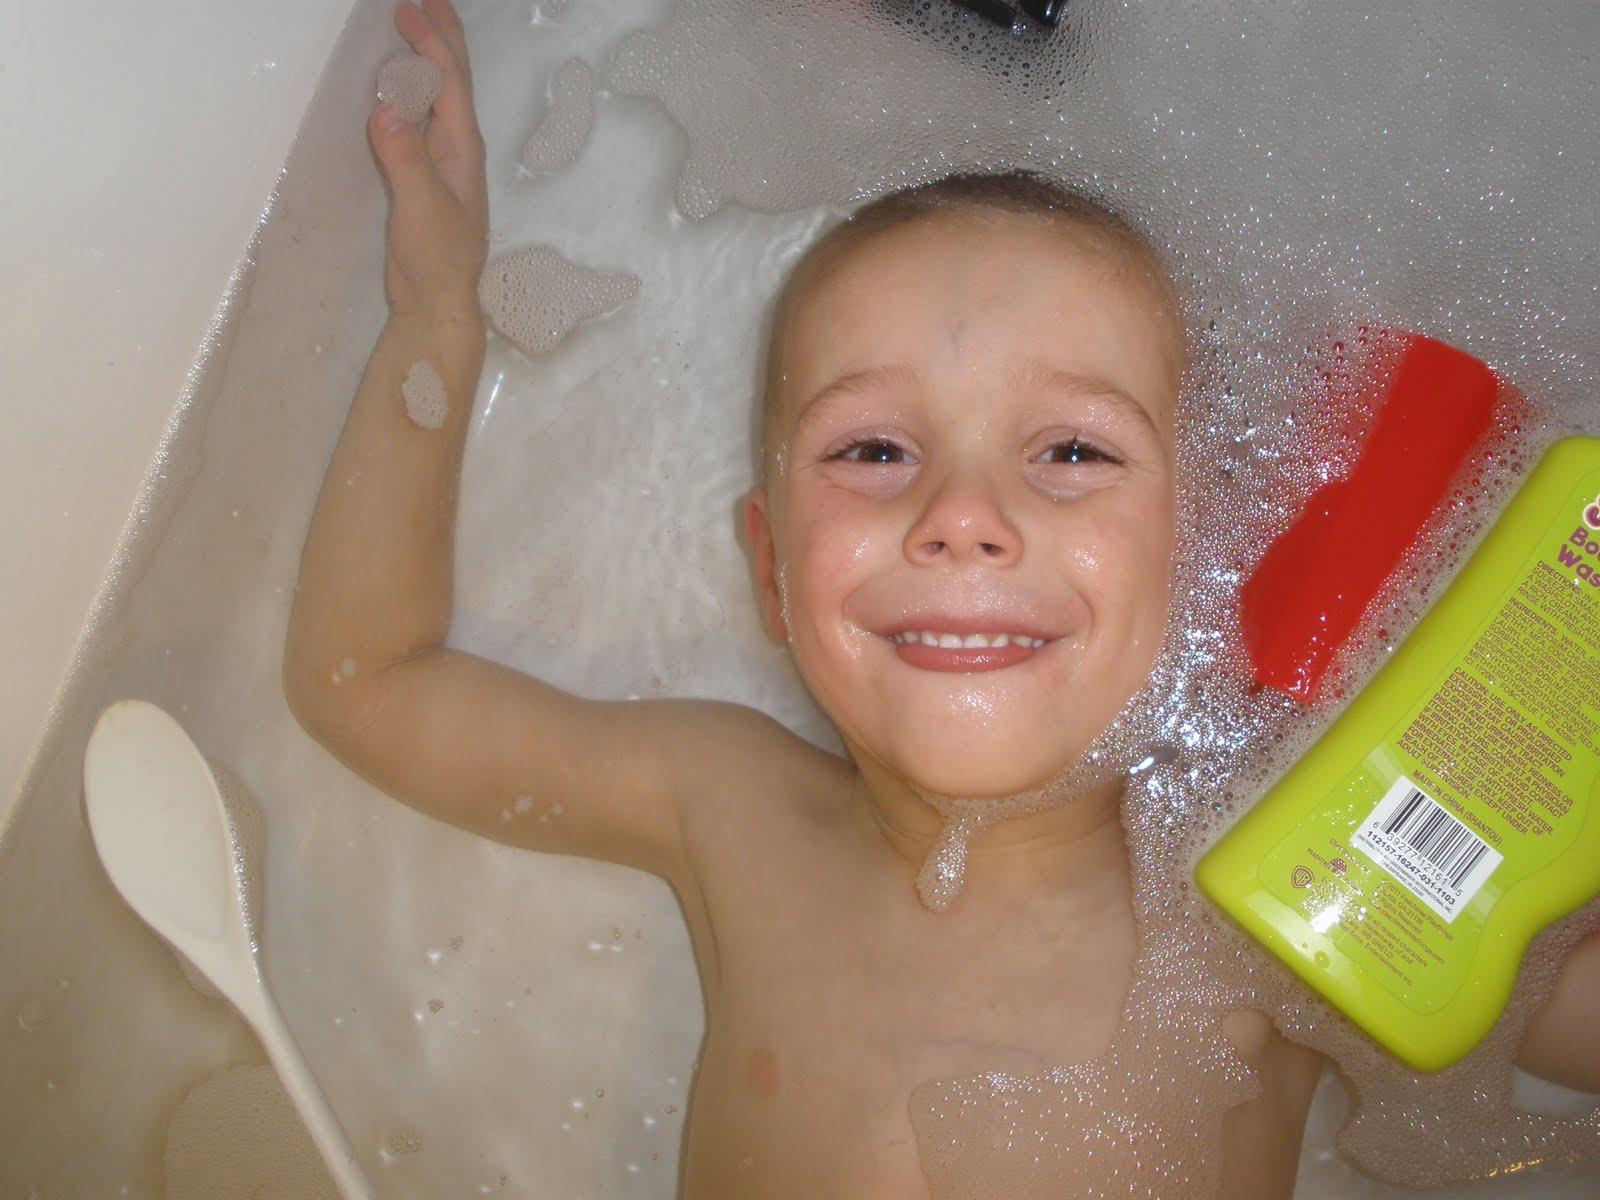 Boy bath mobile photos 100